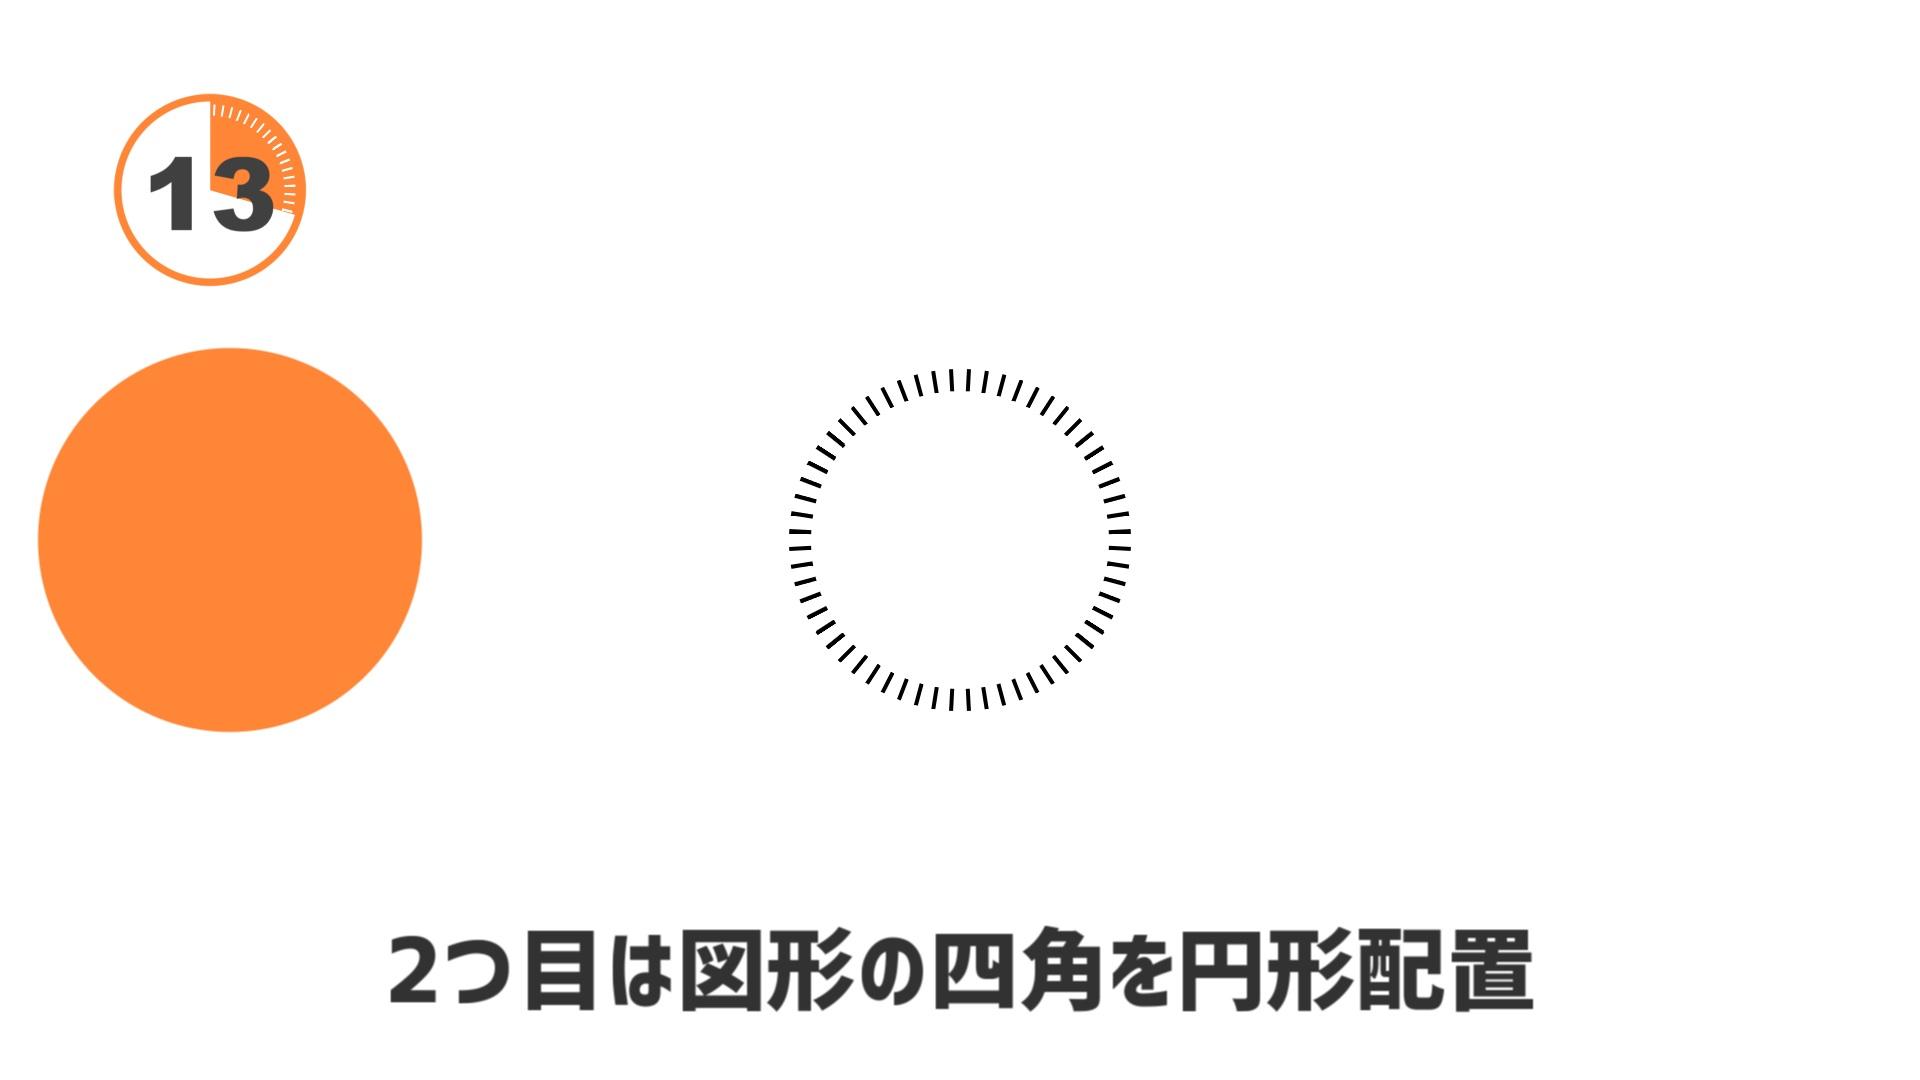 2つ目は図形の四角にアニメーション効果「円形配置」をかけて、ぐるっと円を書きます。これがあるとそれっぽい感じのタイマーになります。ただの装飾なのでこれには何のエフェクトもかけていません。